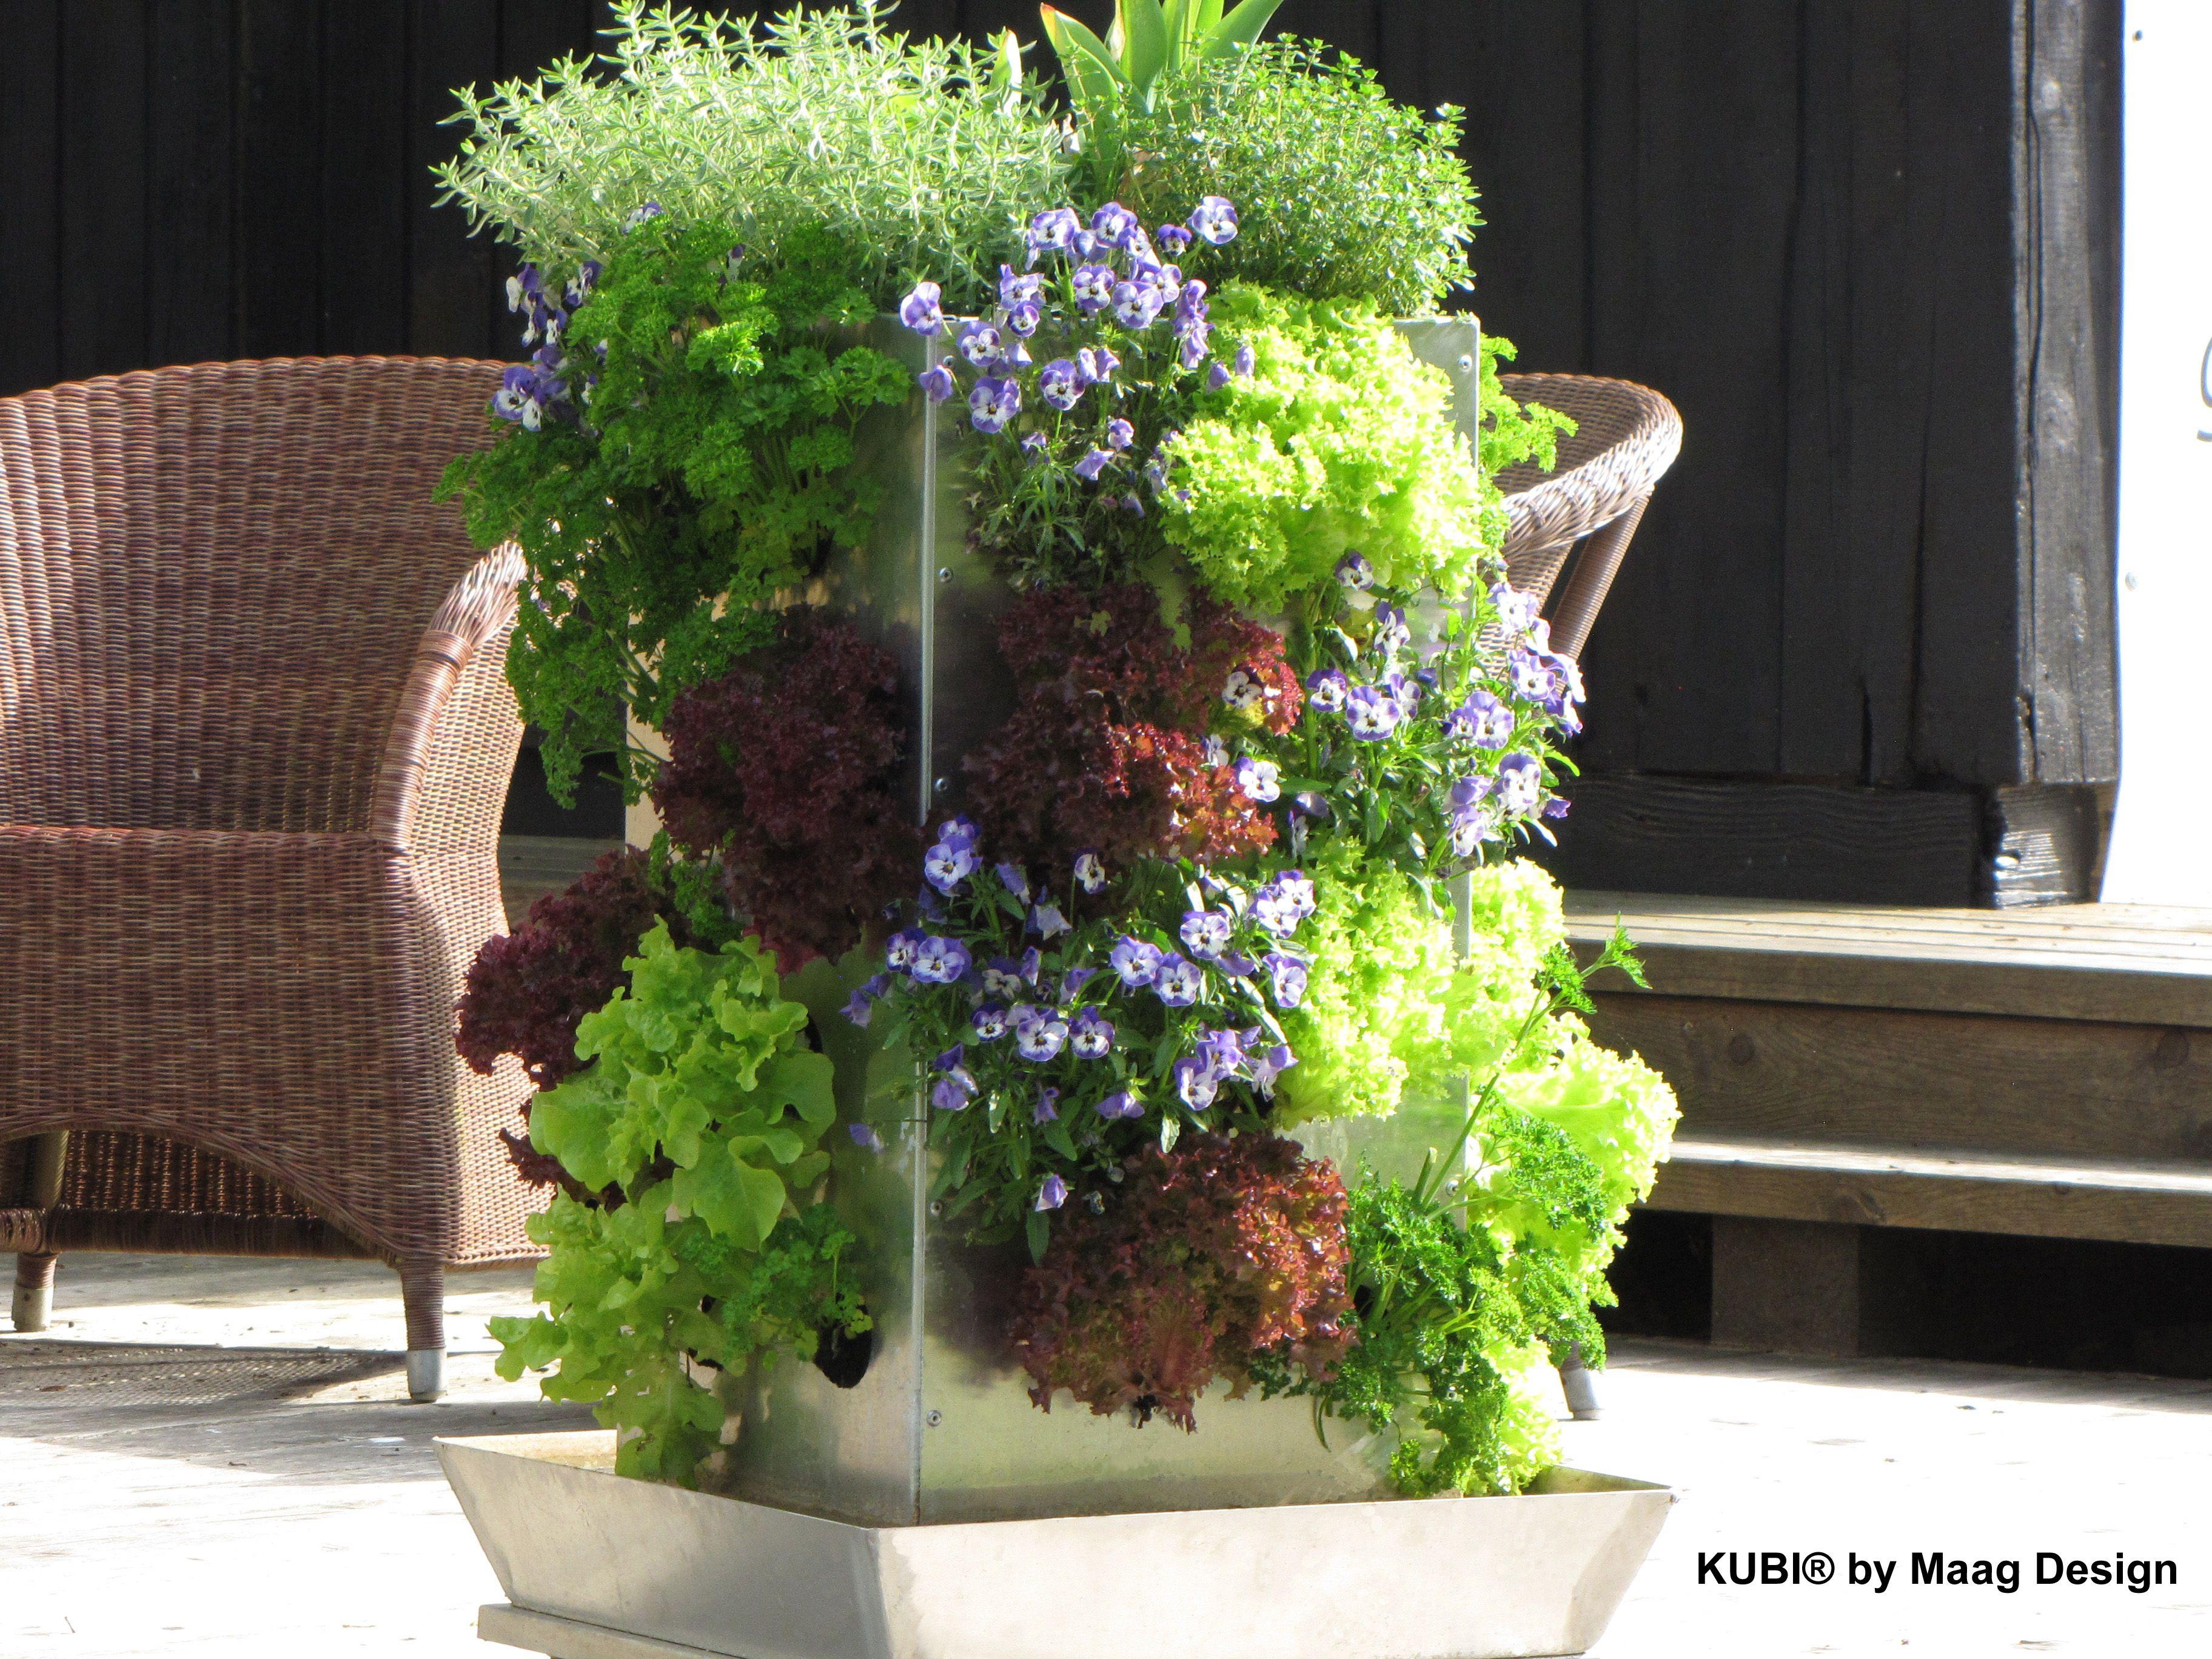 KUBI mit integriertem Komposter und Wasserspeicher Der KUBI ist ein perfekt abgestimmtes Anbausystem aus